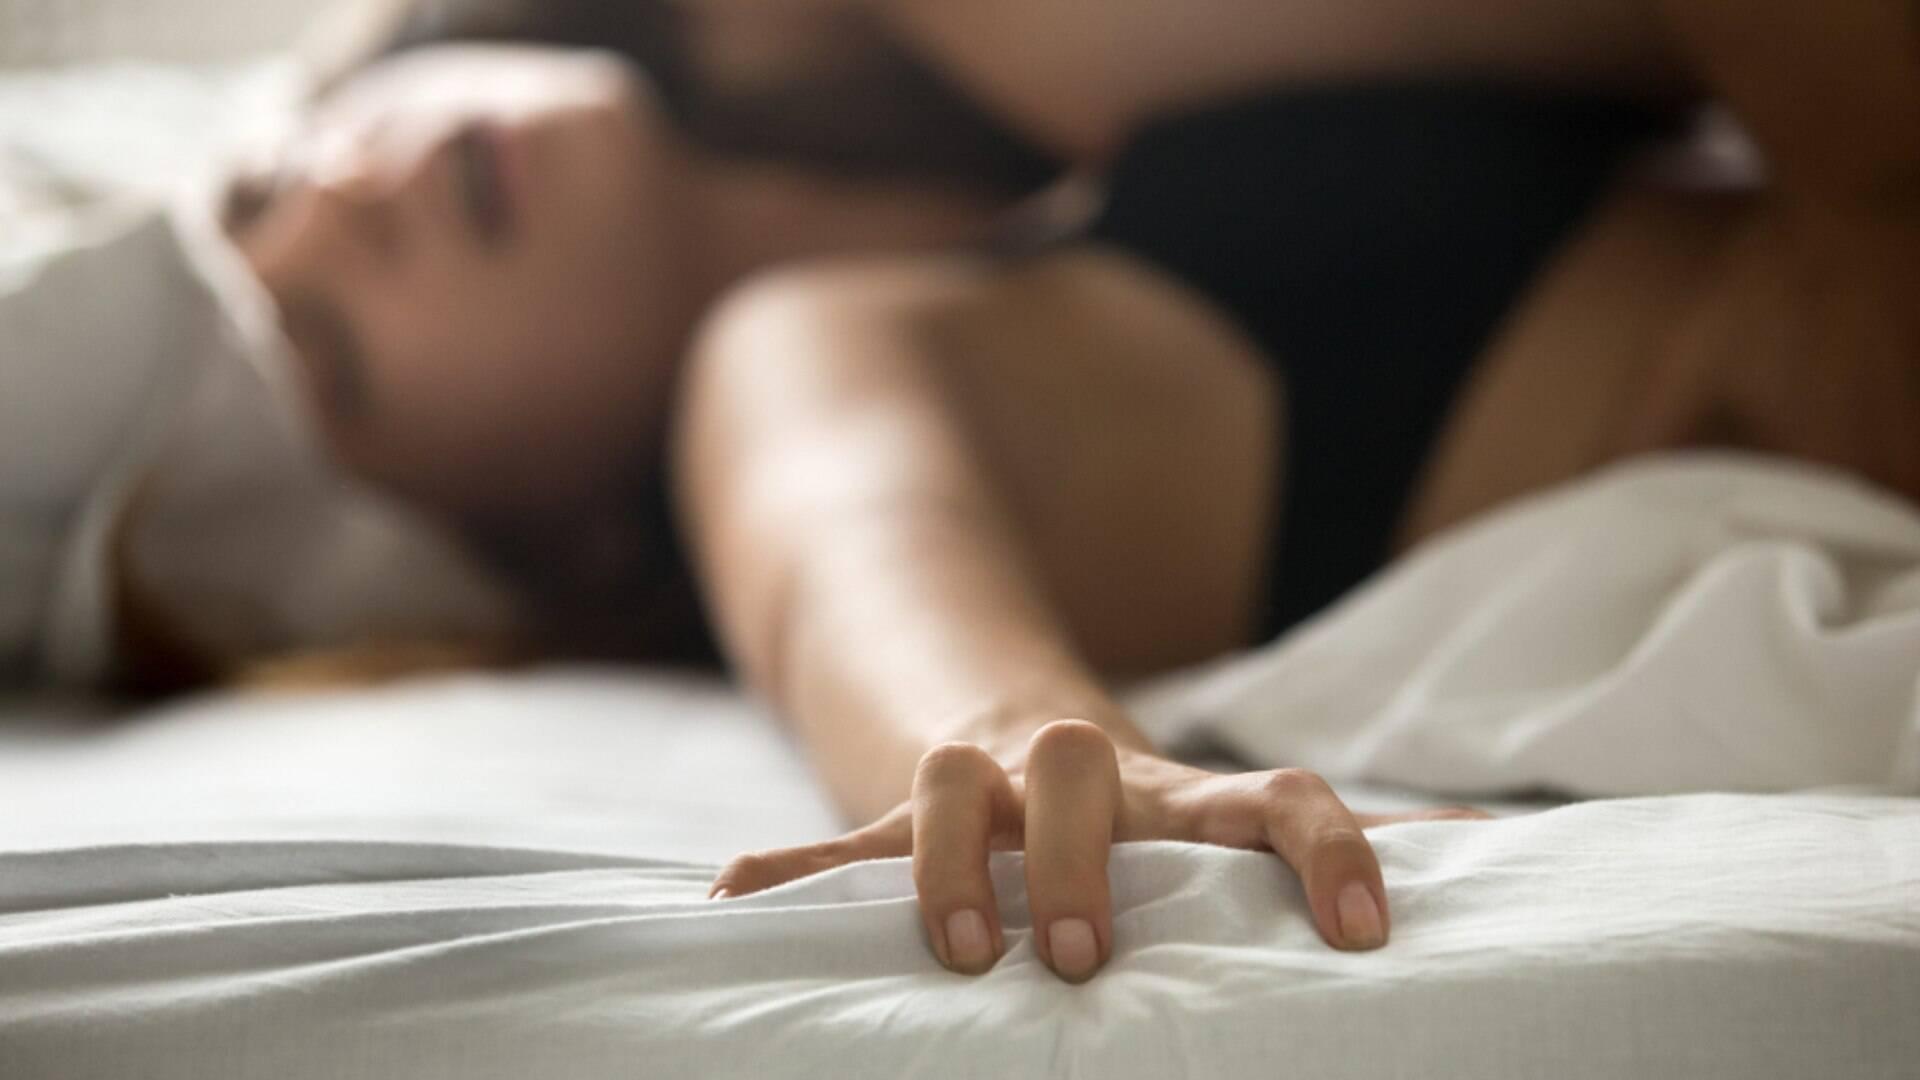 Quais os sons são mais excitantes para homens e mulheres? - Amor e Sexo - iG